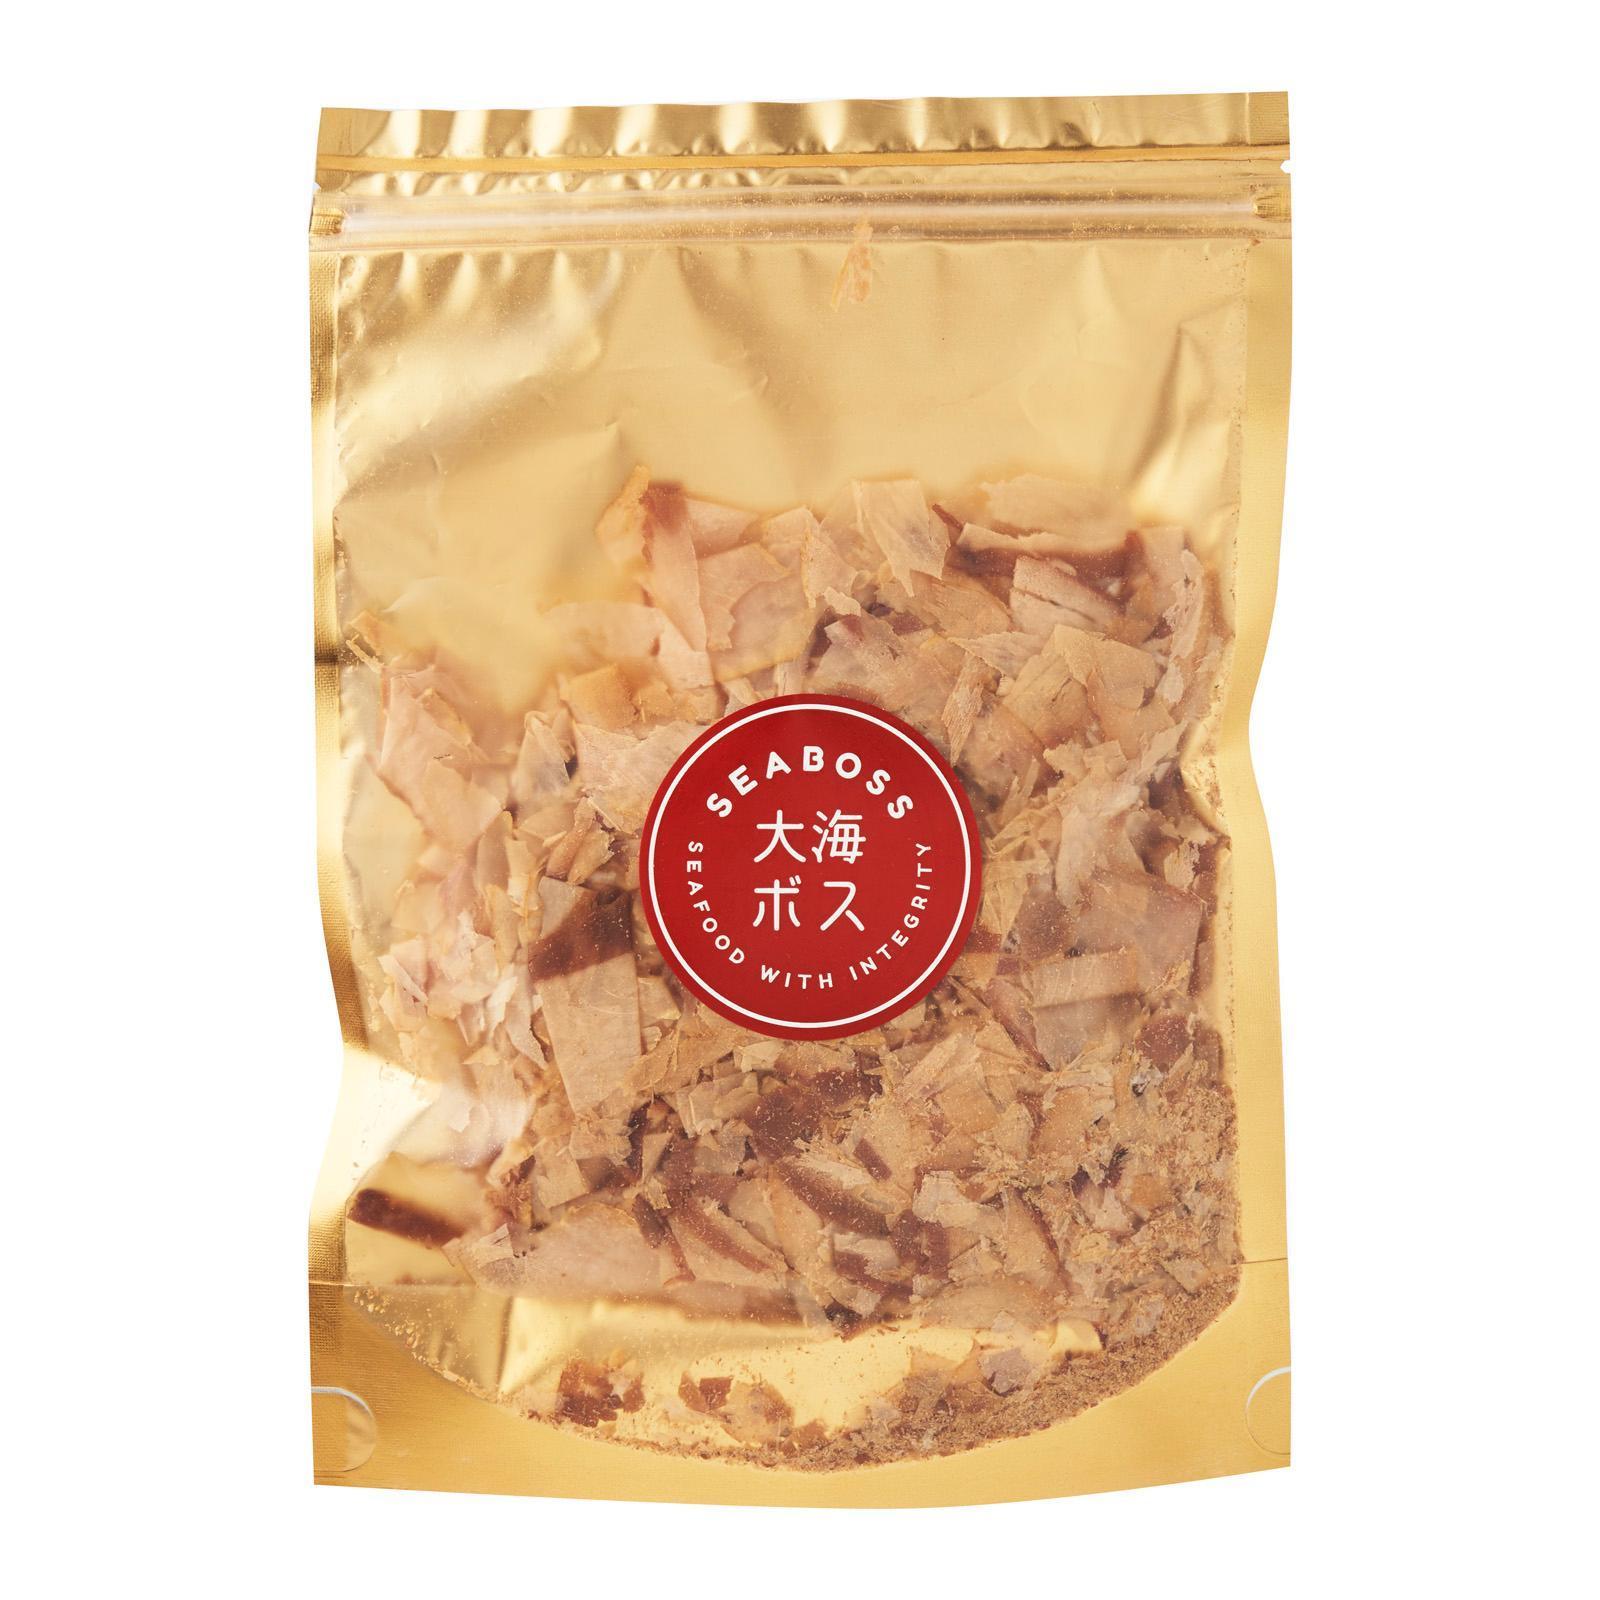 SEABOSS Hana Katsuo Bushi Bonito Flakes